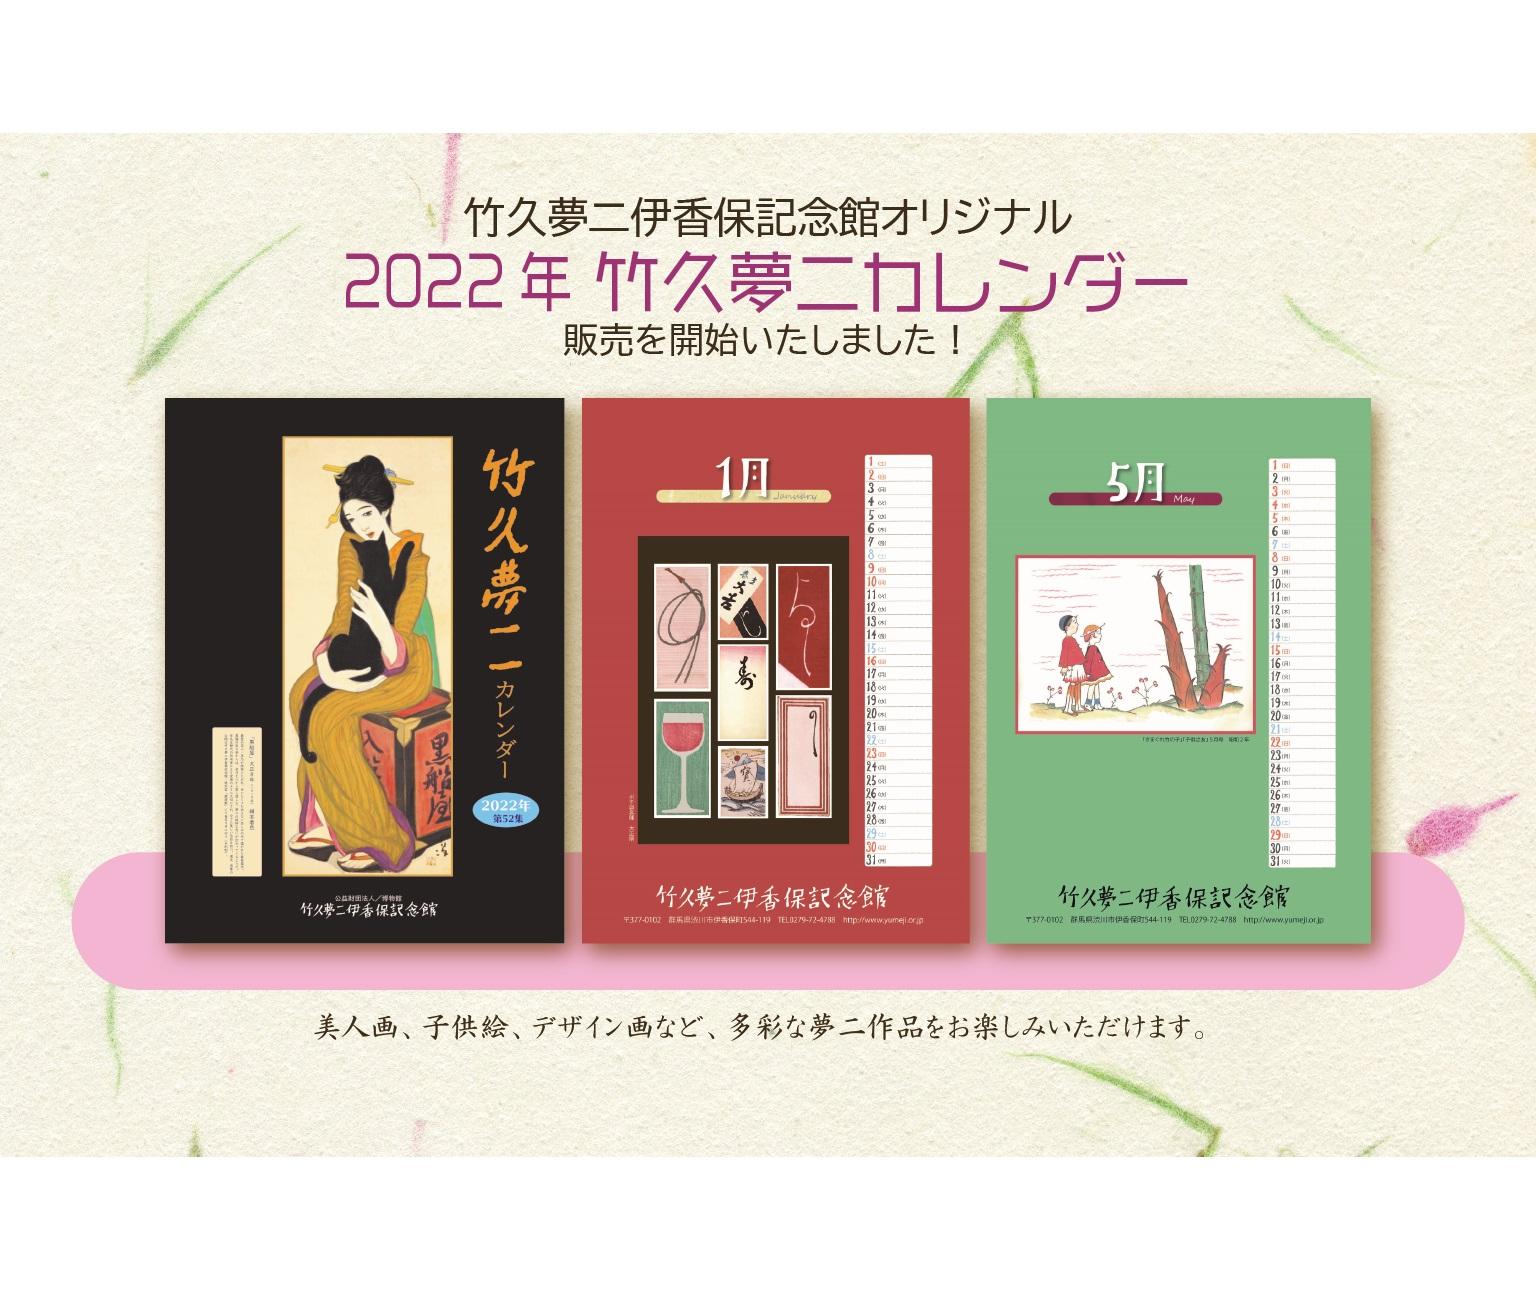 2022年竹久夢二カレンダー(壁掛けタイプ)